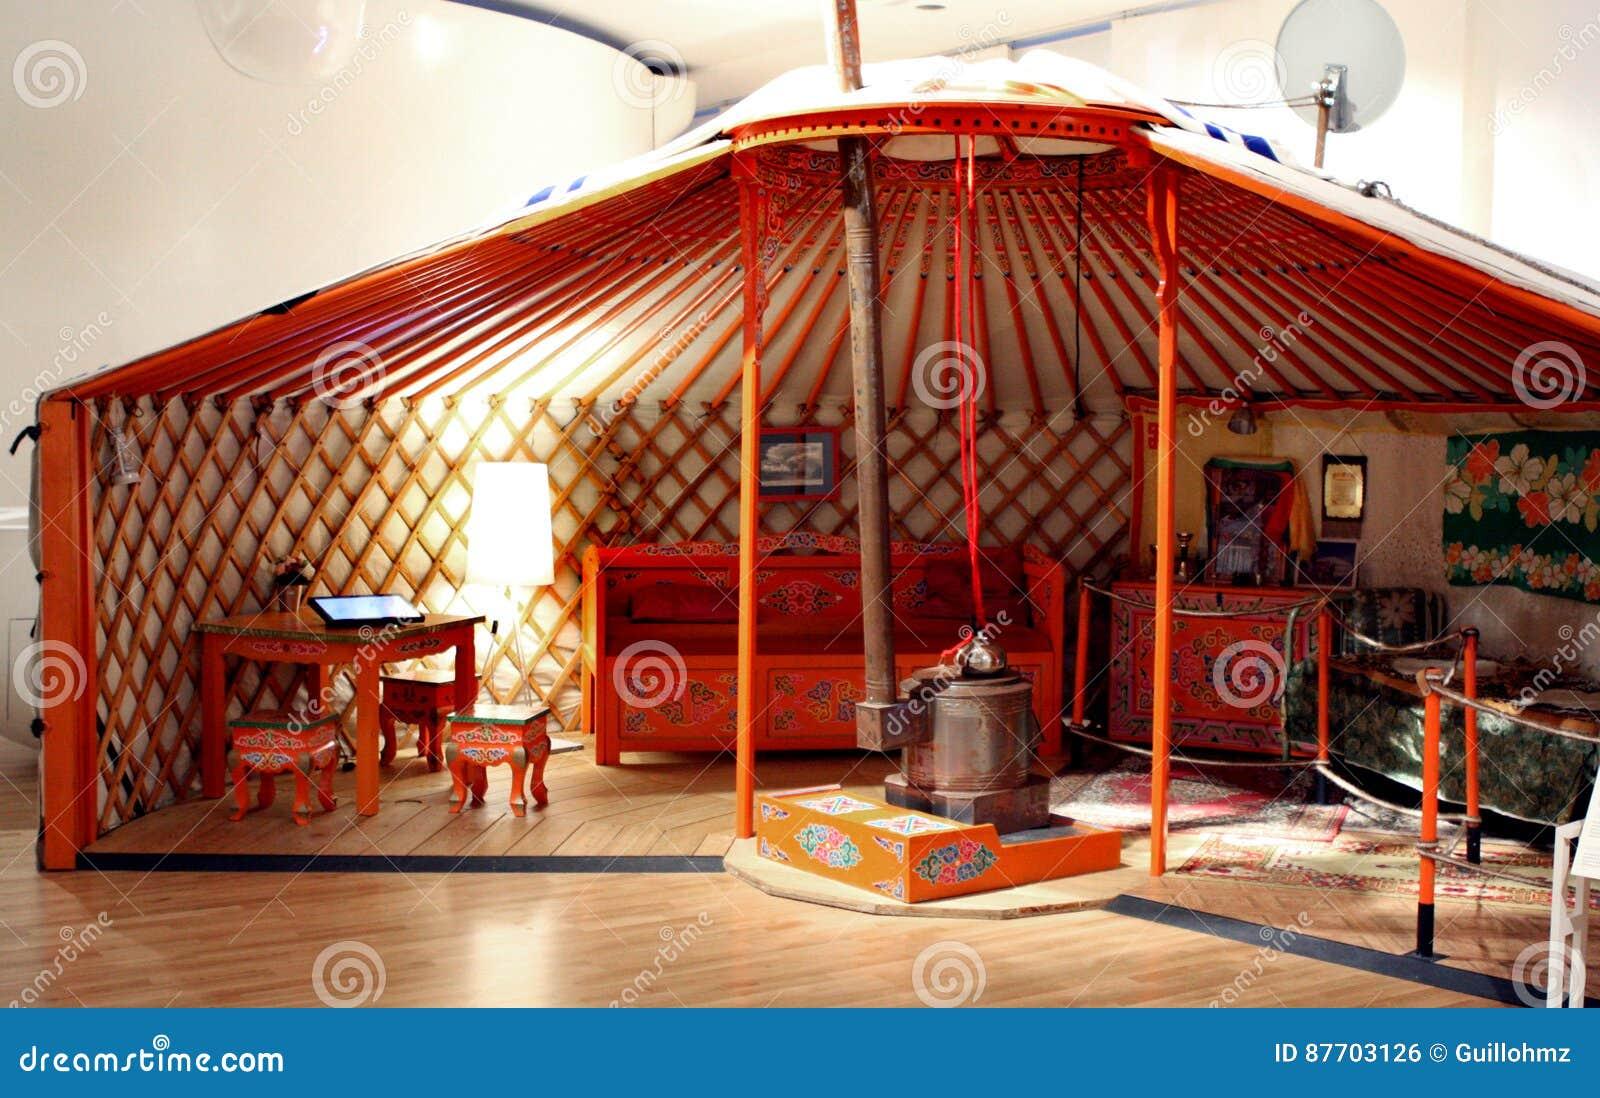 Yurt tibétain au musée Paris